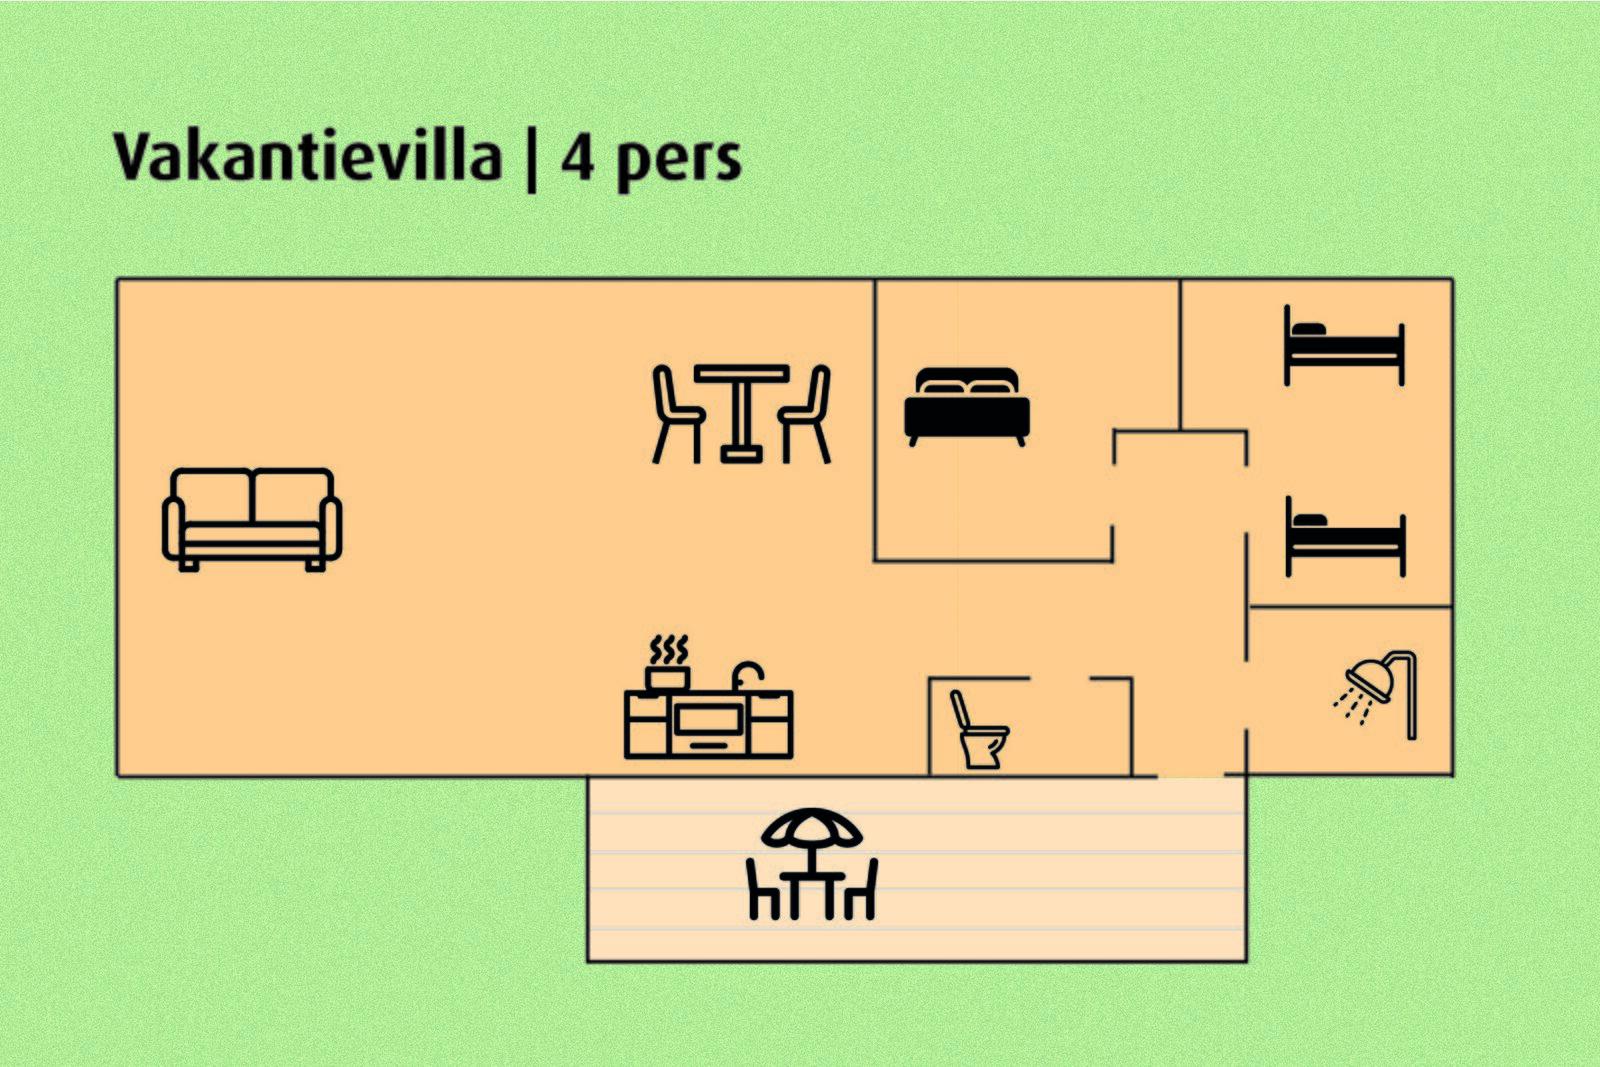 Ferienvilla | 4 Personen